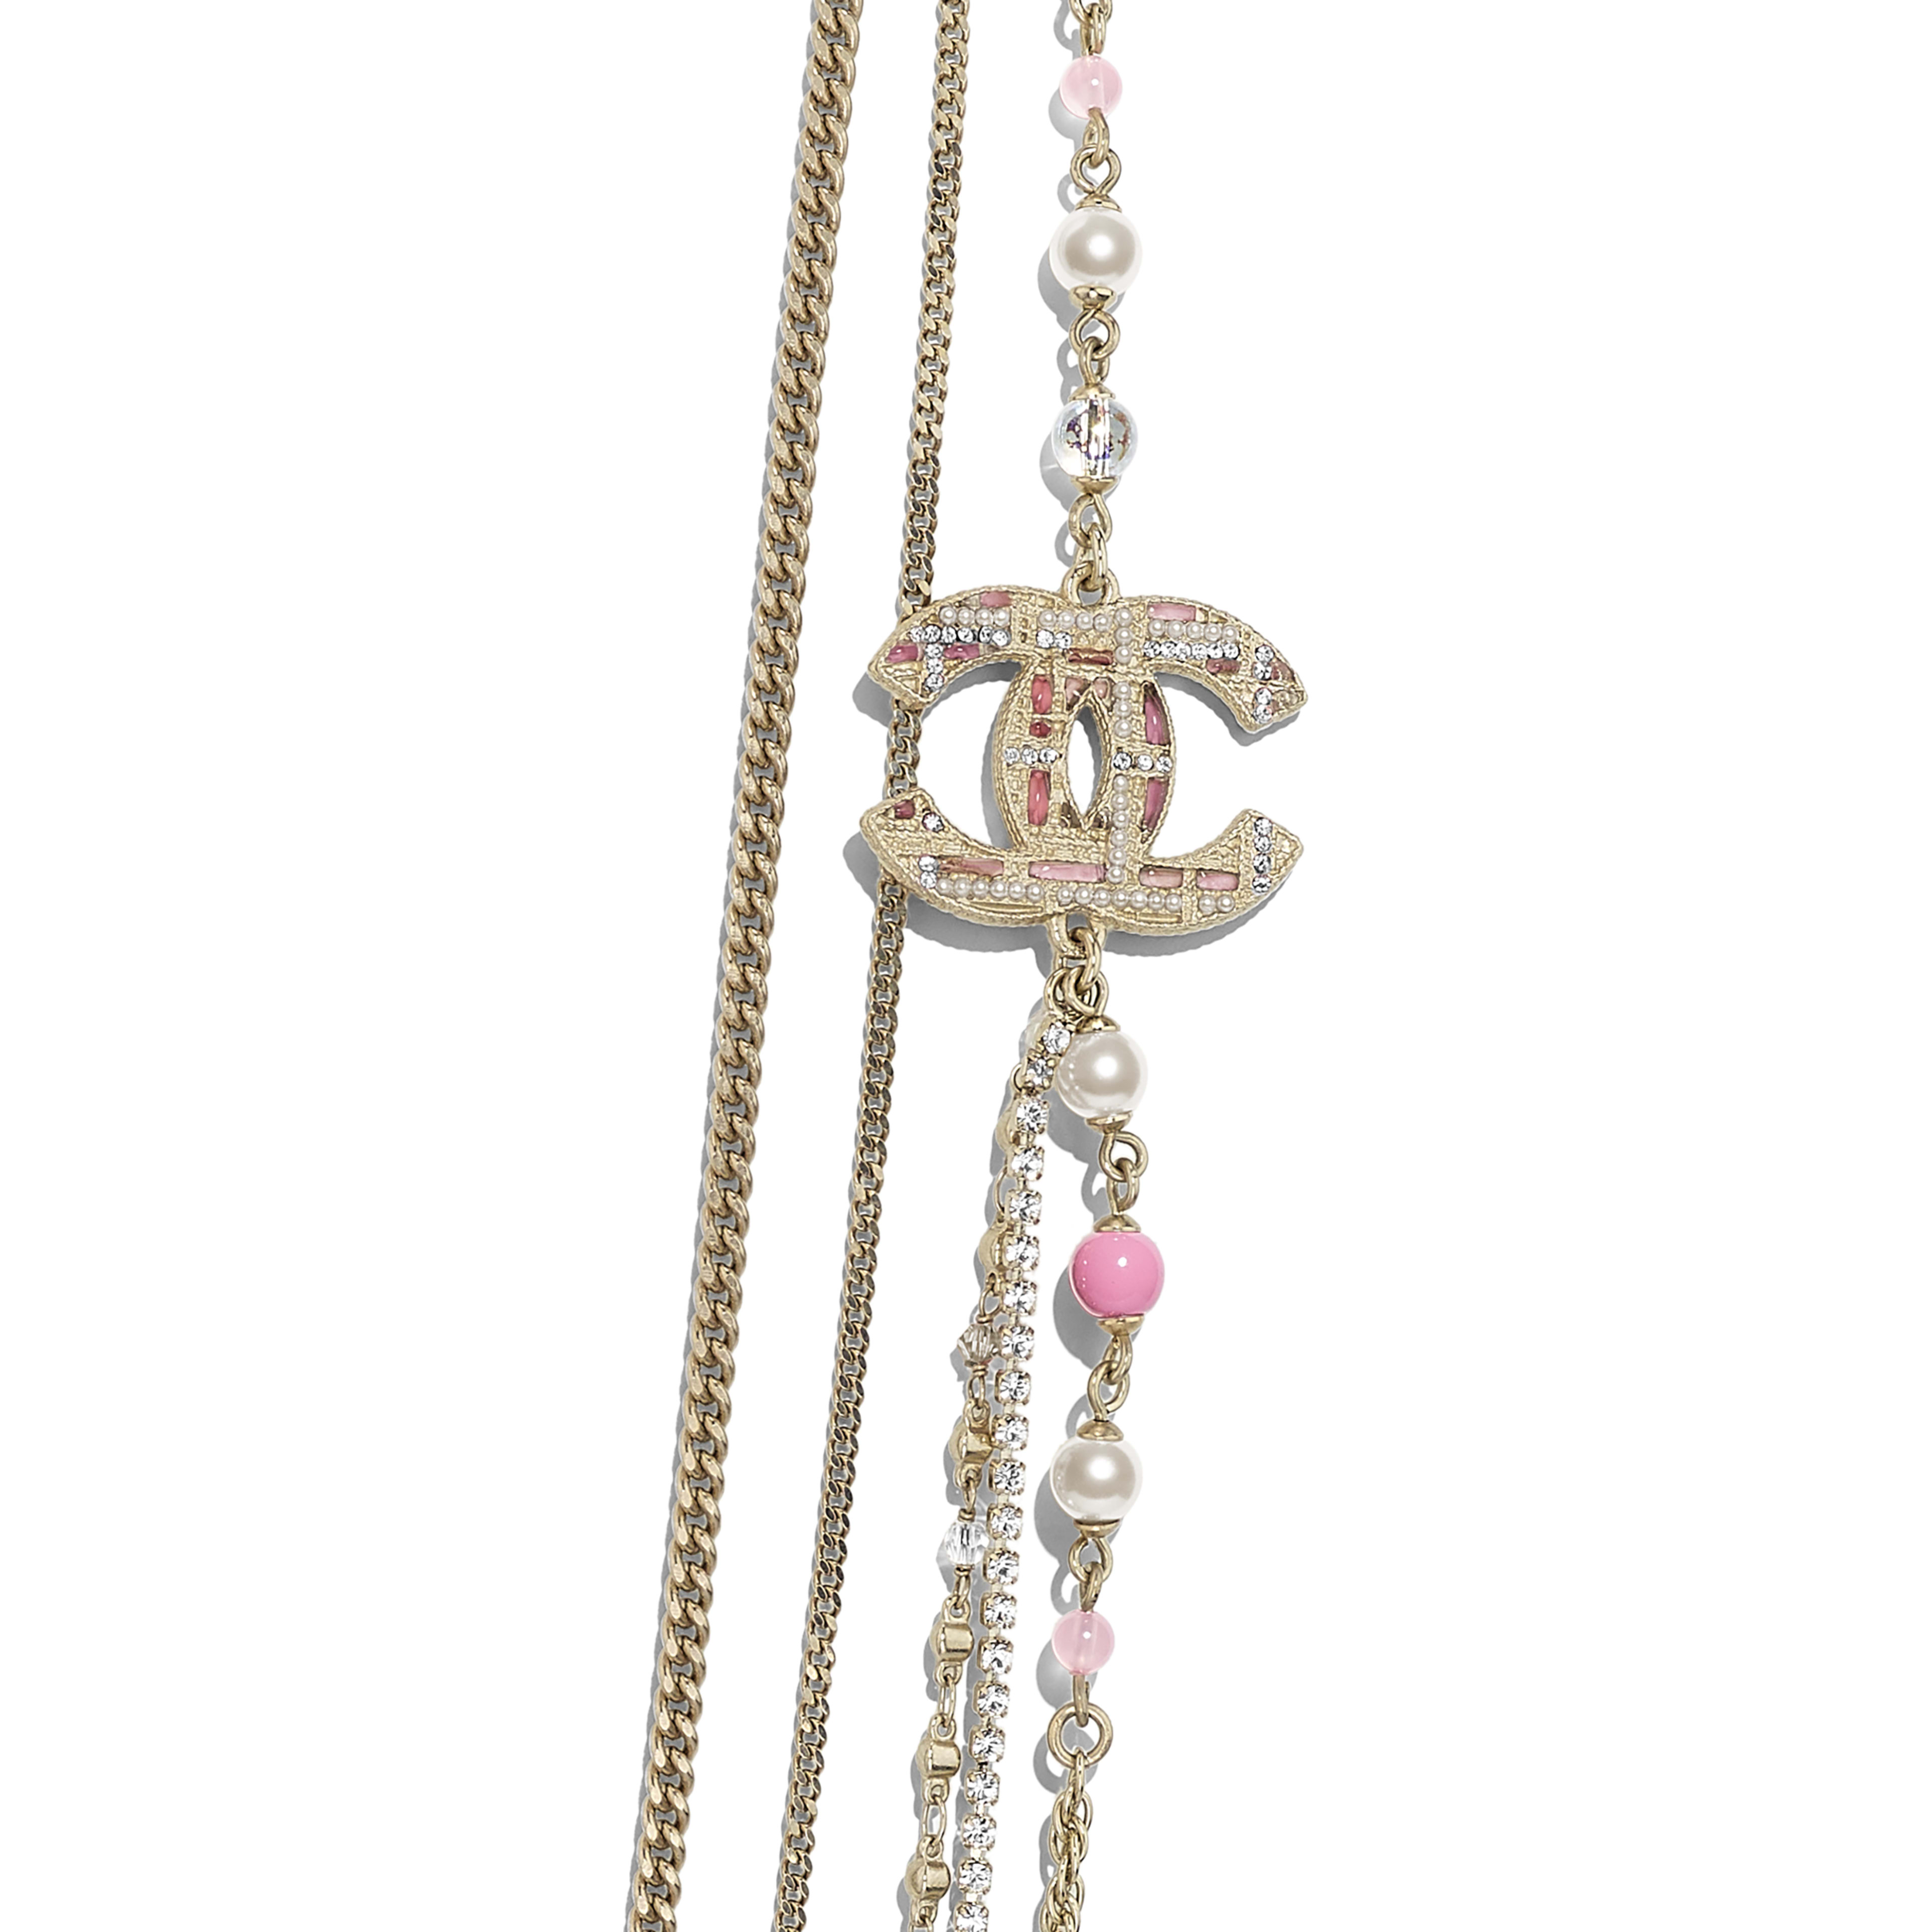 Длинное колье - Золотистый, жемчужно-белый и розовый - металл, жемчуг, стразы и смола - Другое изображение - посмотреть полноразмерное изображение